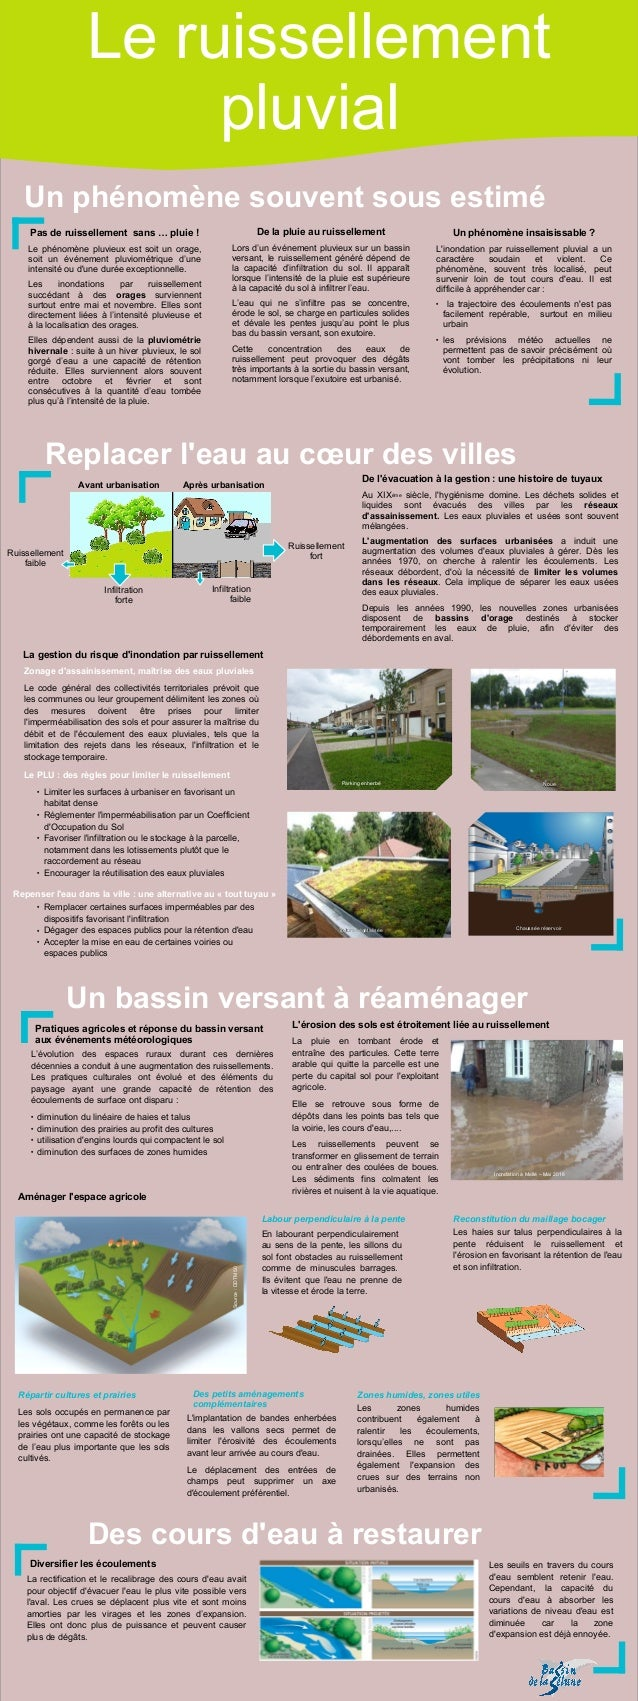 Replacer l'eau au cœur des villes Un phénomène insaisissable? L'inondation par ruissellement pluvial a un caractère souda...